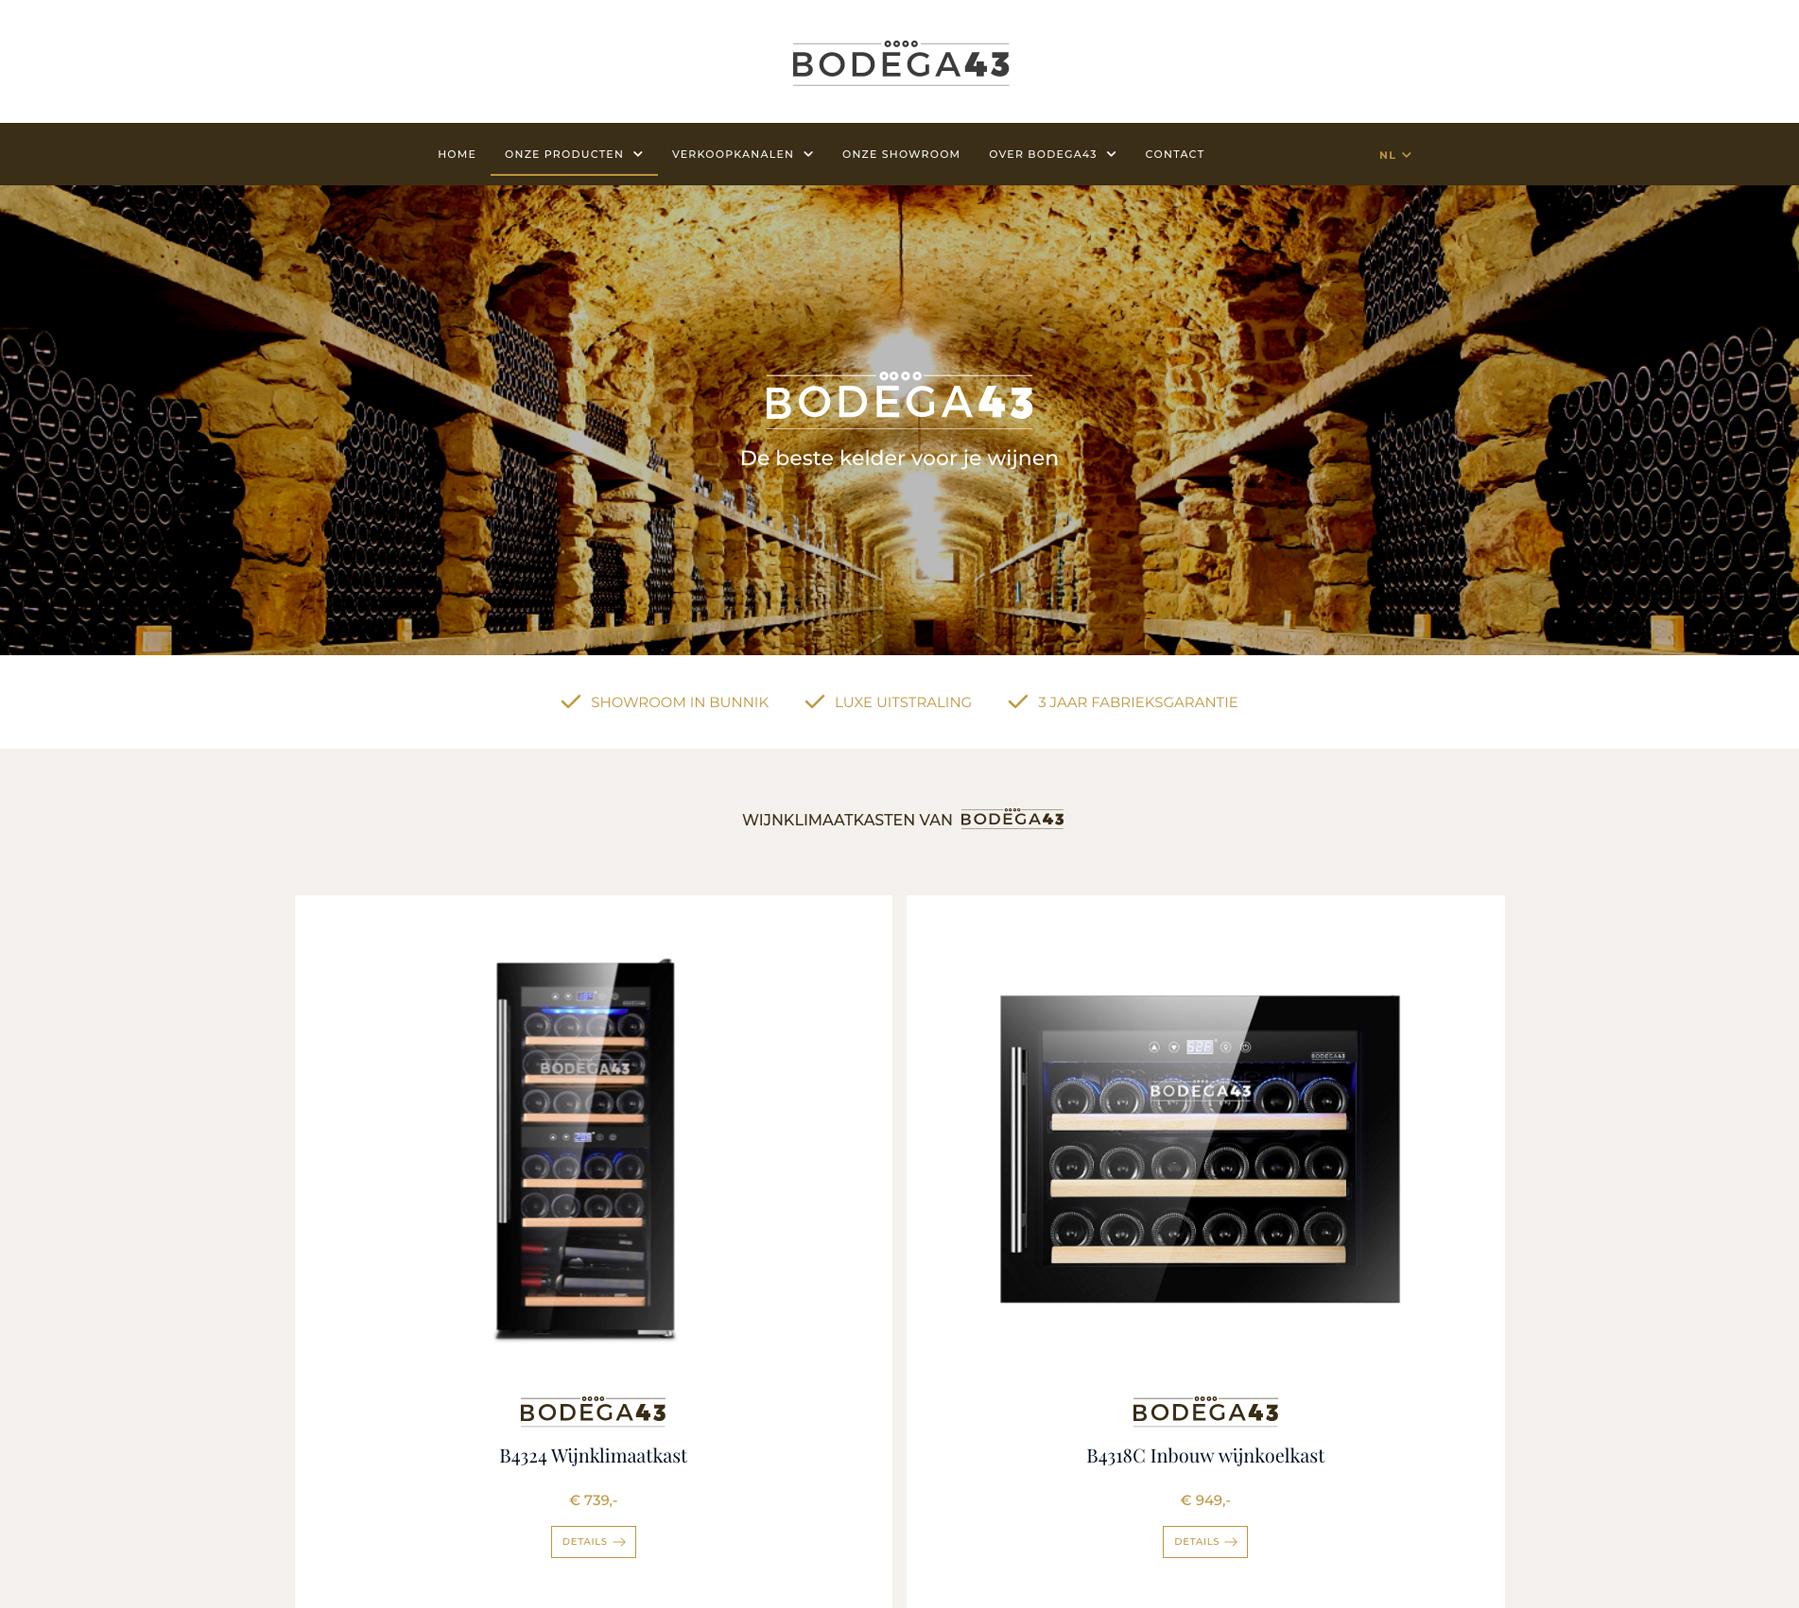 Bodega43.com